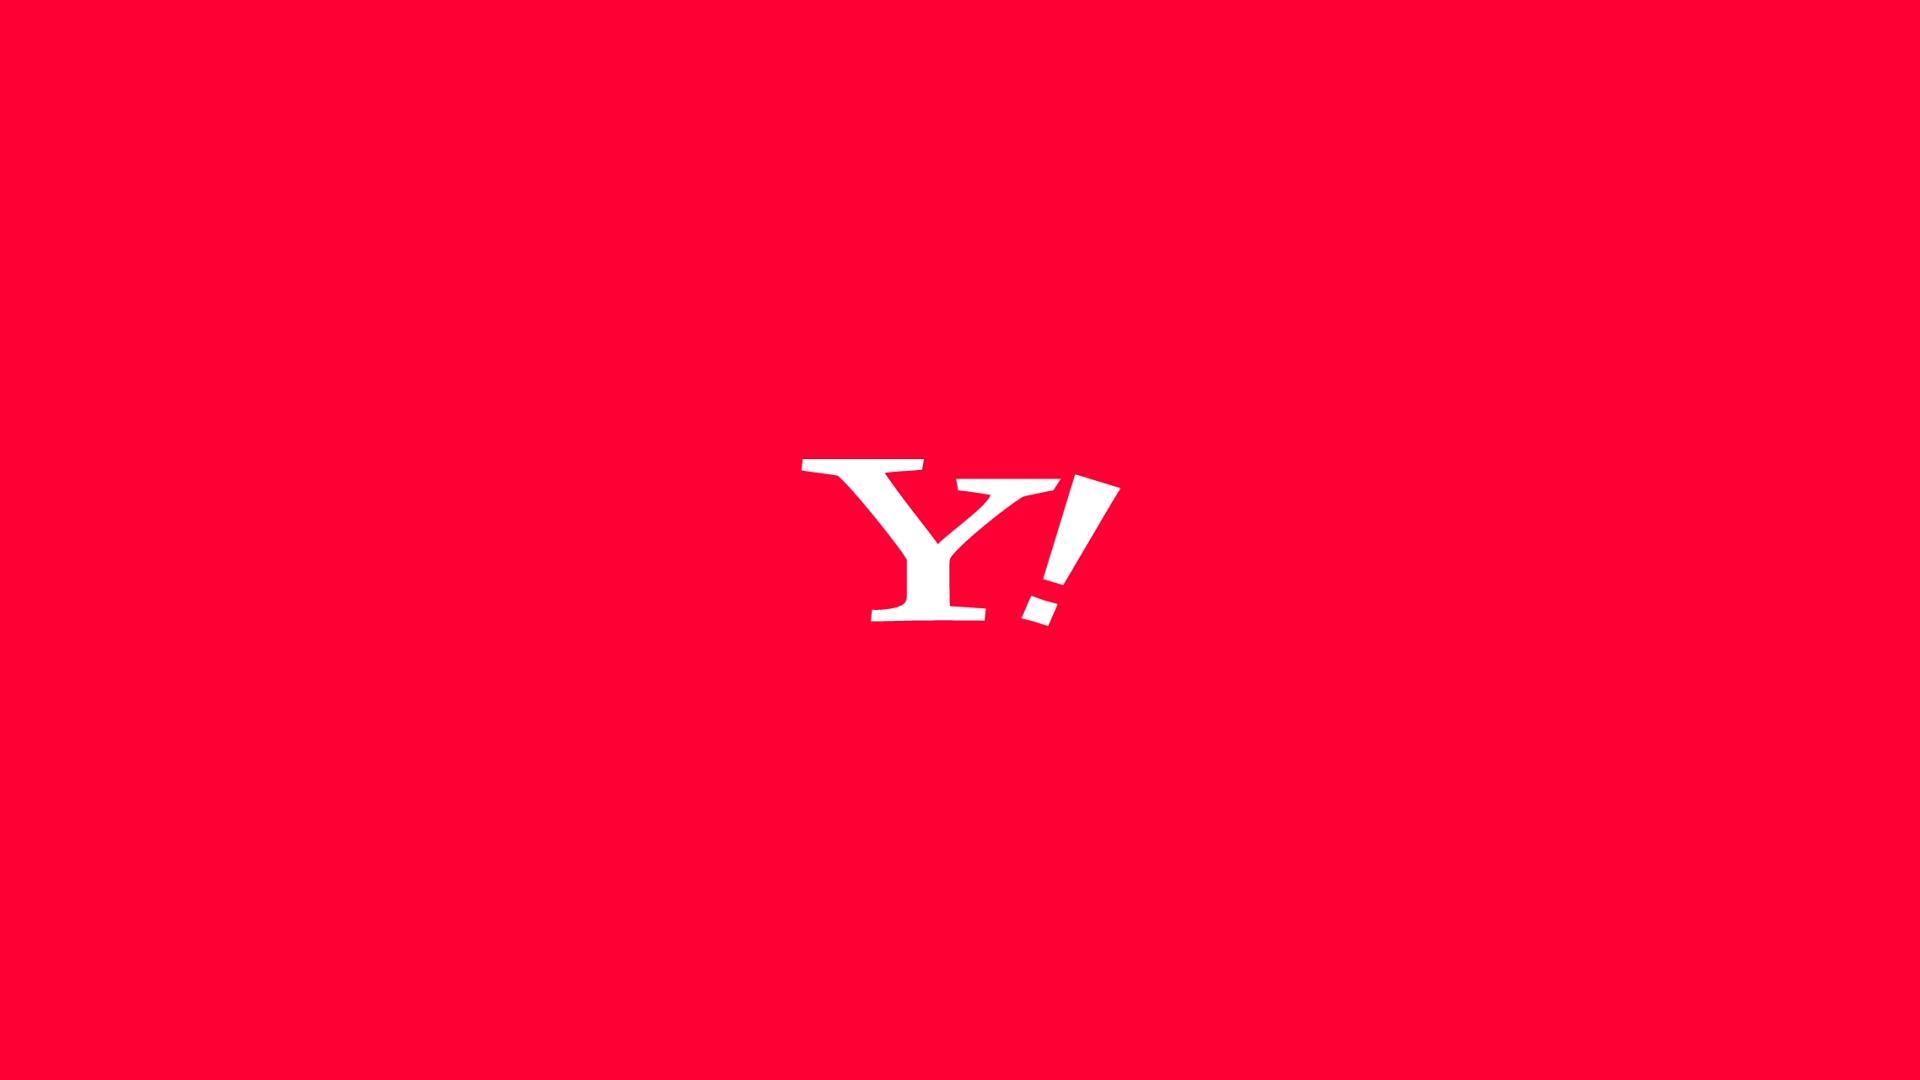 11397_yahooapuri_02